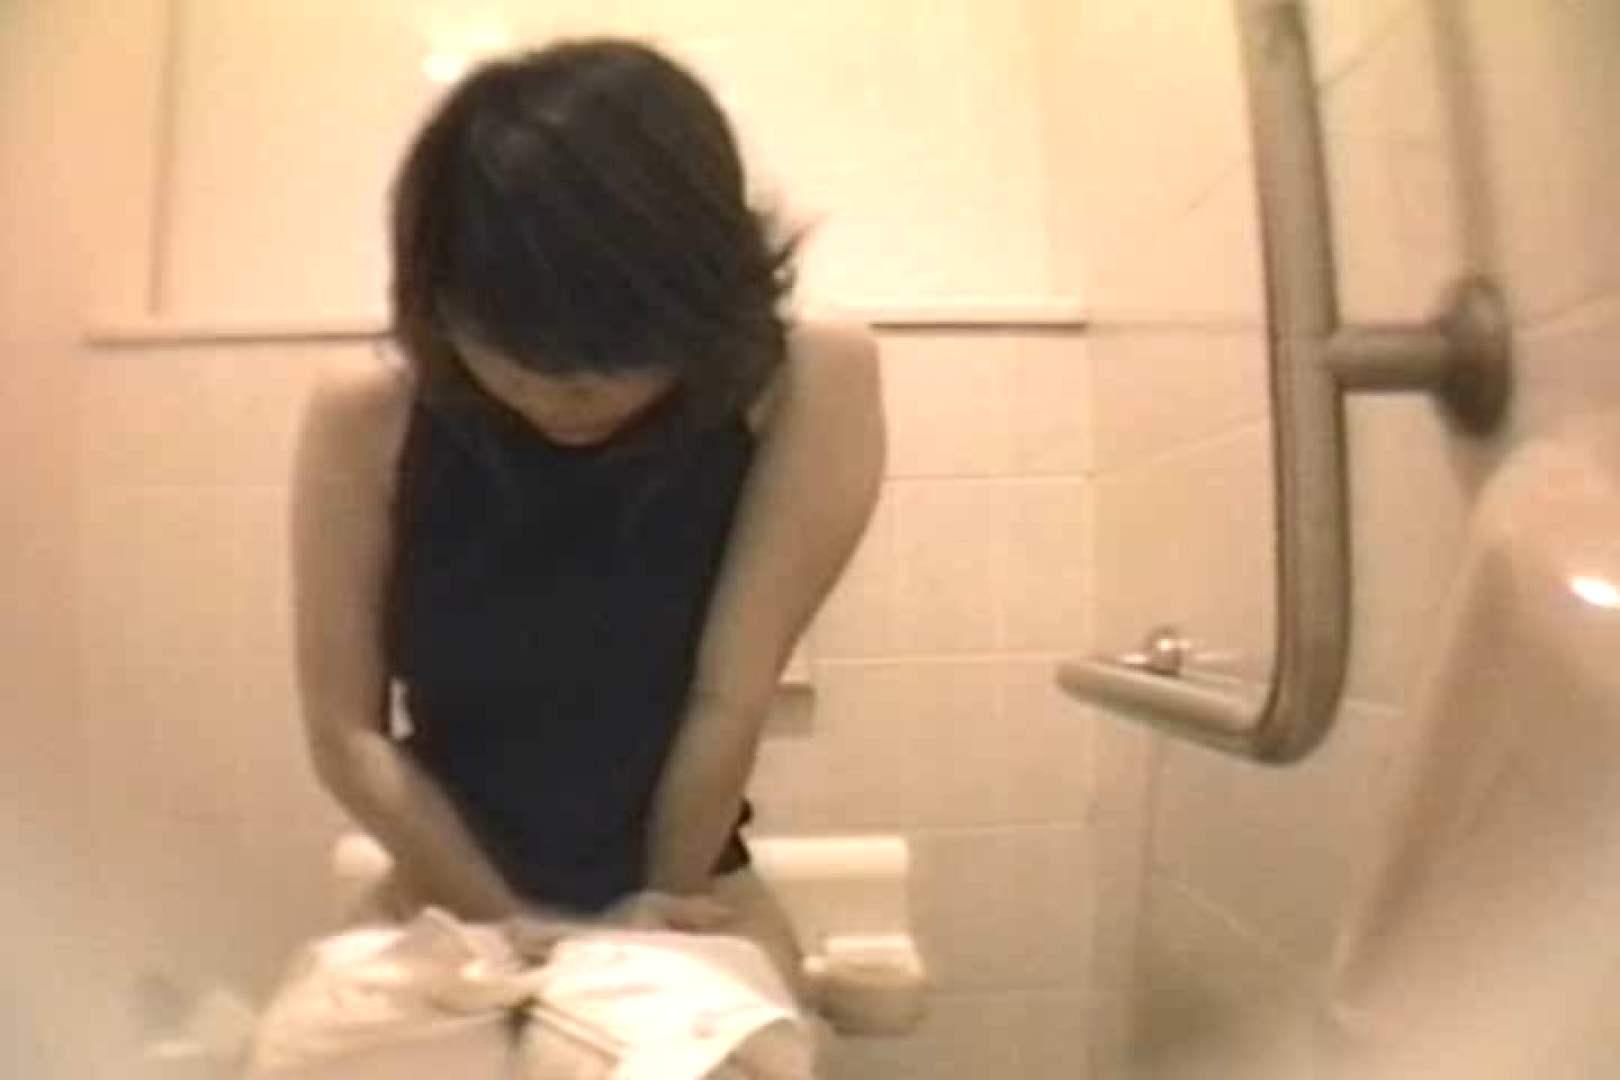 個室狂いのマニア映像Vol.4 美女OL セックス無修正動画無料 52連発 5